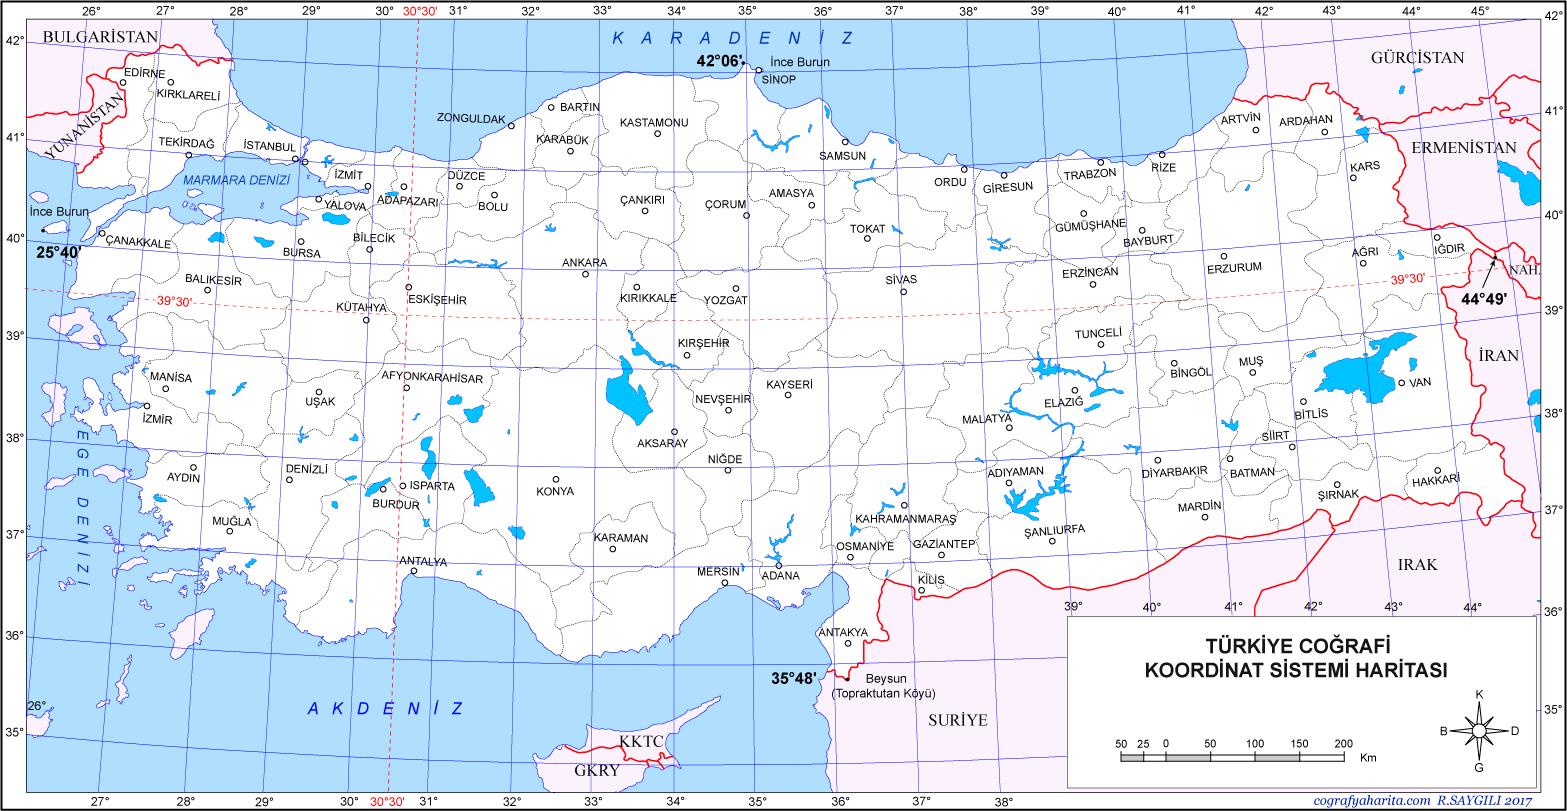 Türkiye Koordinatlar Haritası